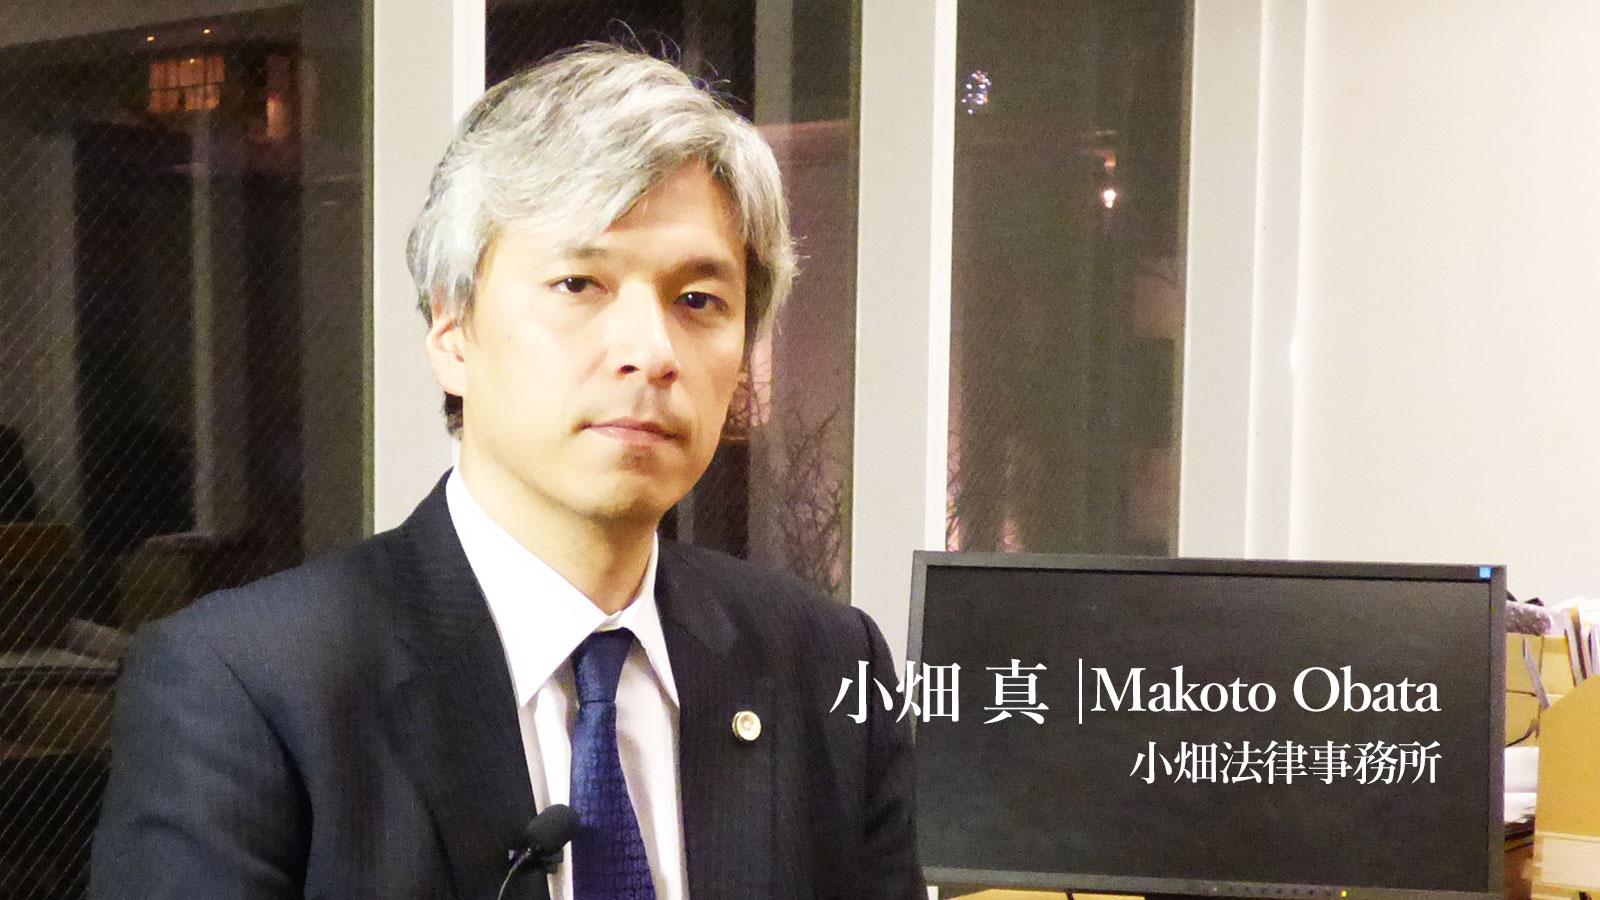 小畑真先生『歯科医師と弁護士の立場から日本歯科医療をバックアップする』の画像です